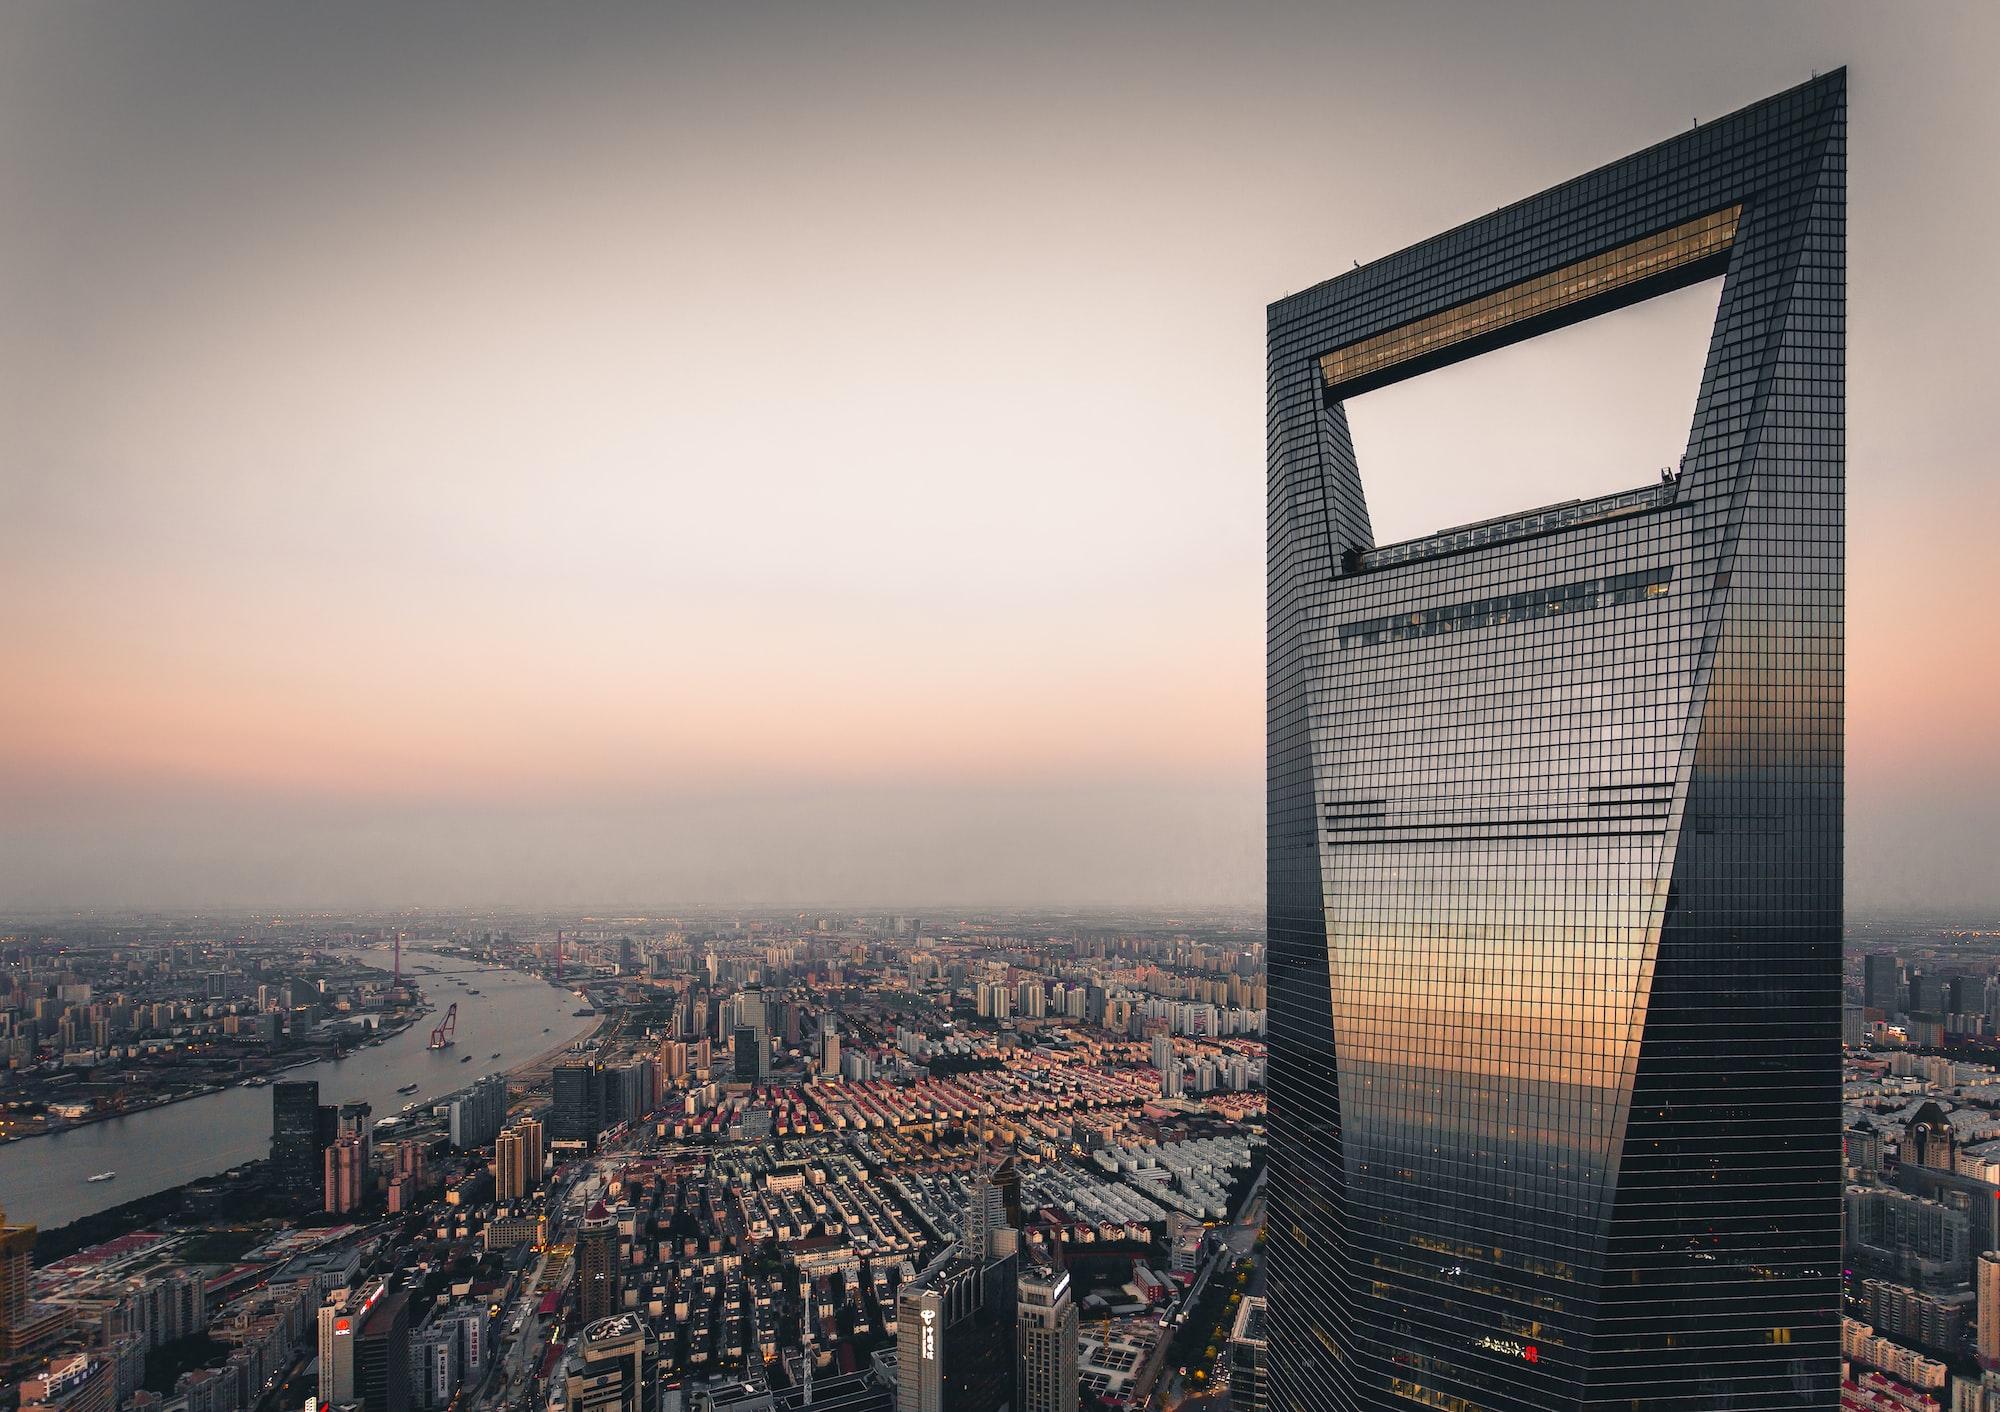 Světové finanční elity považují změnu klimatu za ekonomické riziko a podporují zavedení uhlíkové daně